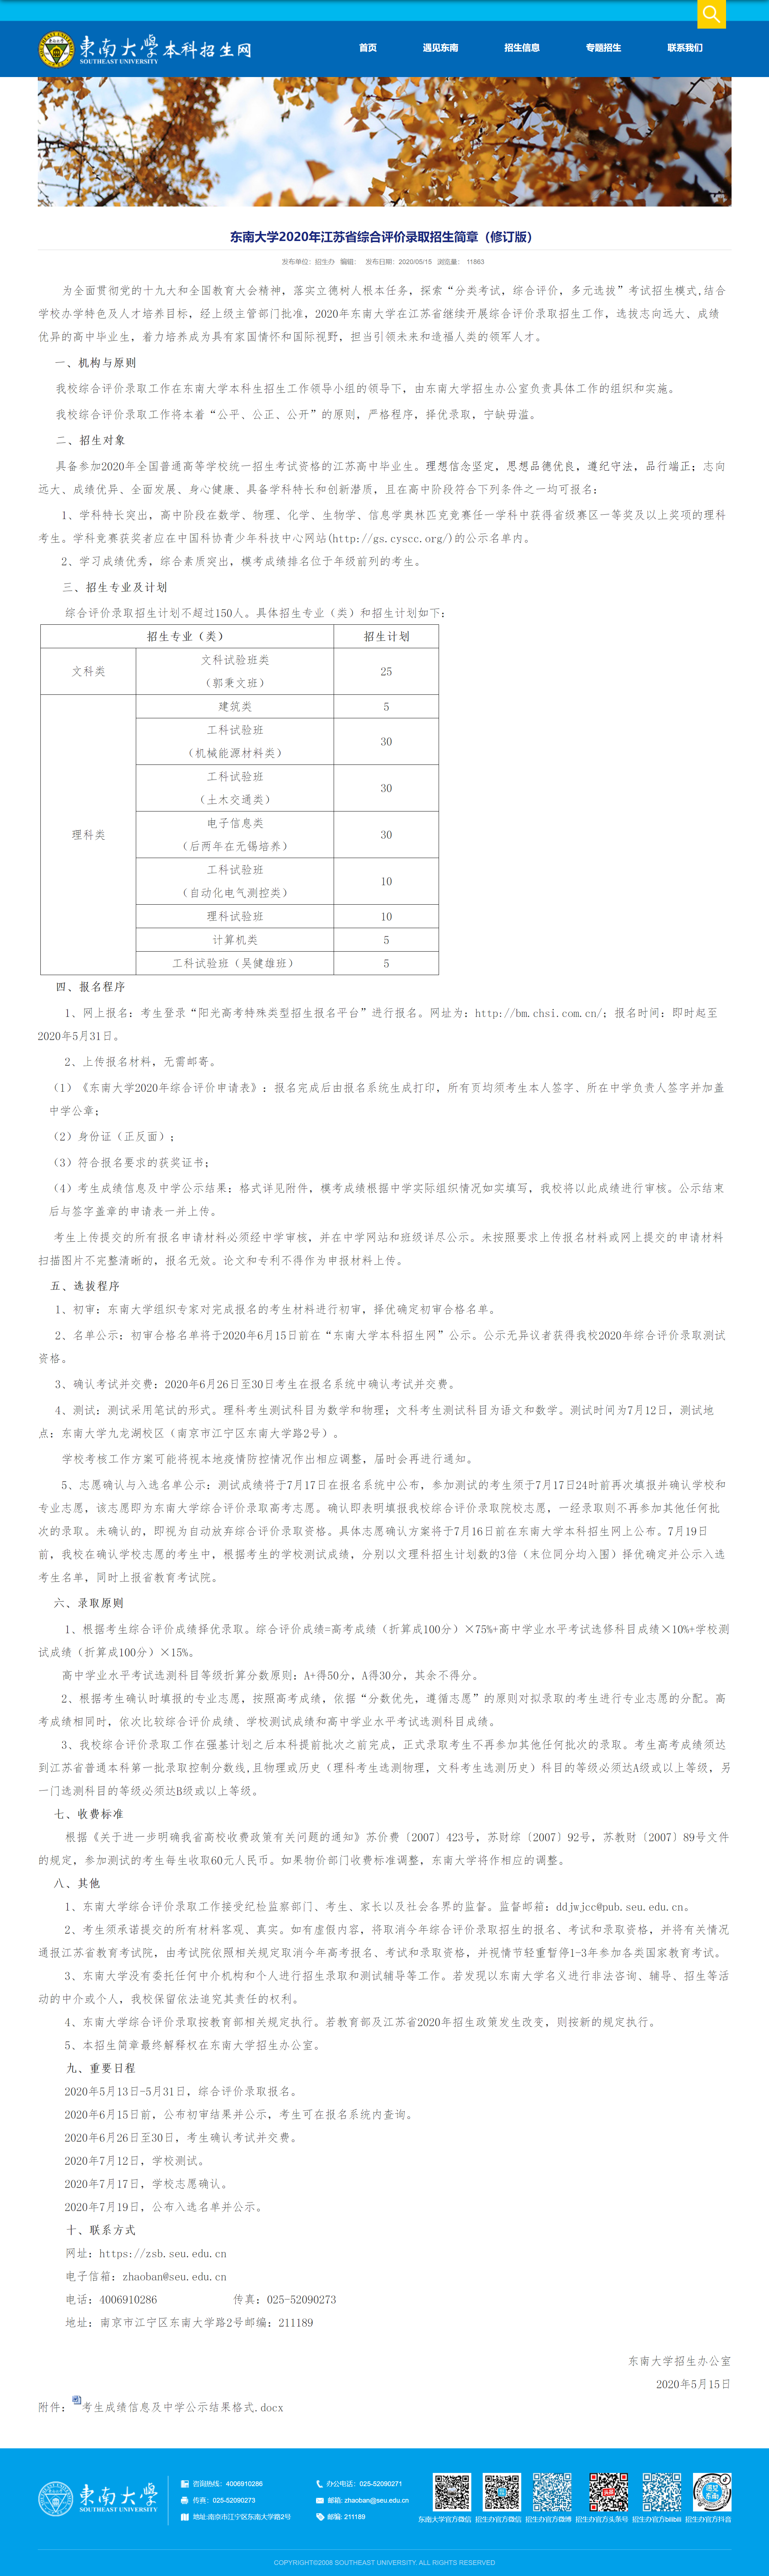 东南大学2020年江苏省综合评价录取招生简章(修订版).png